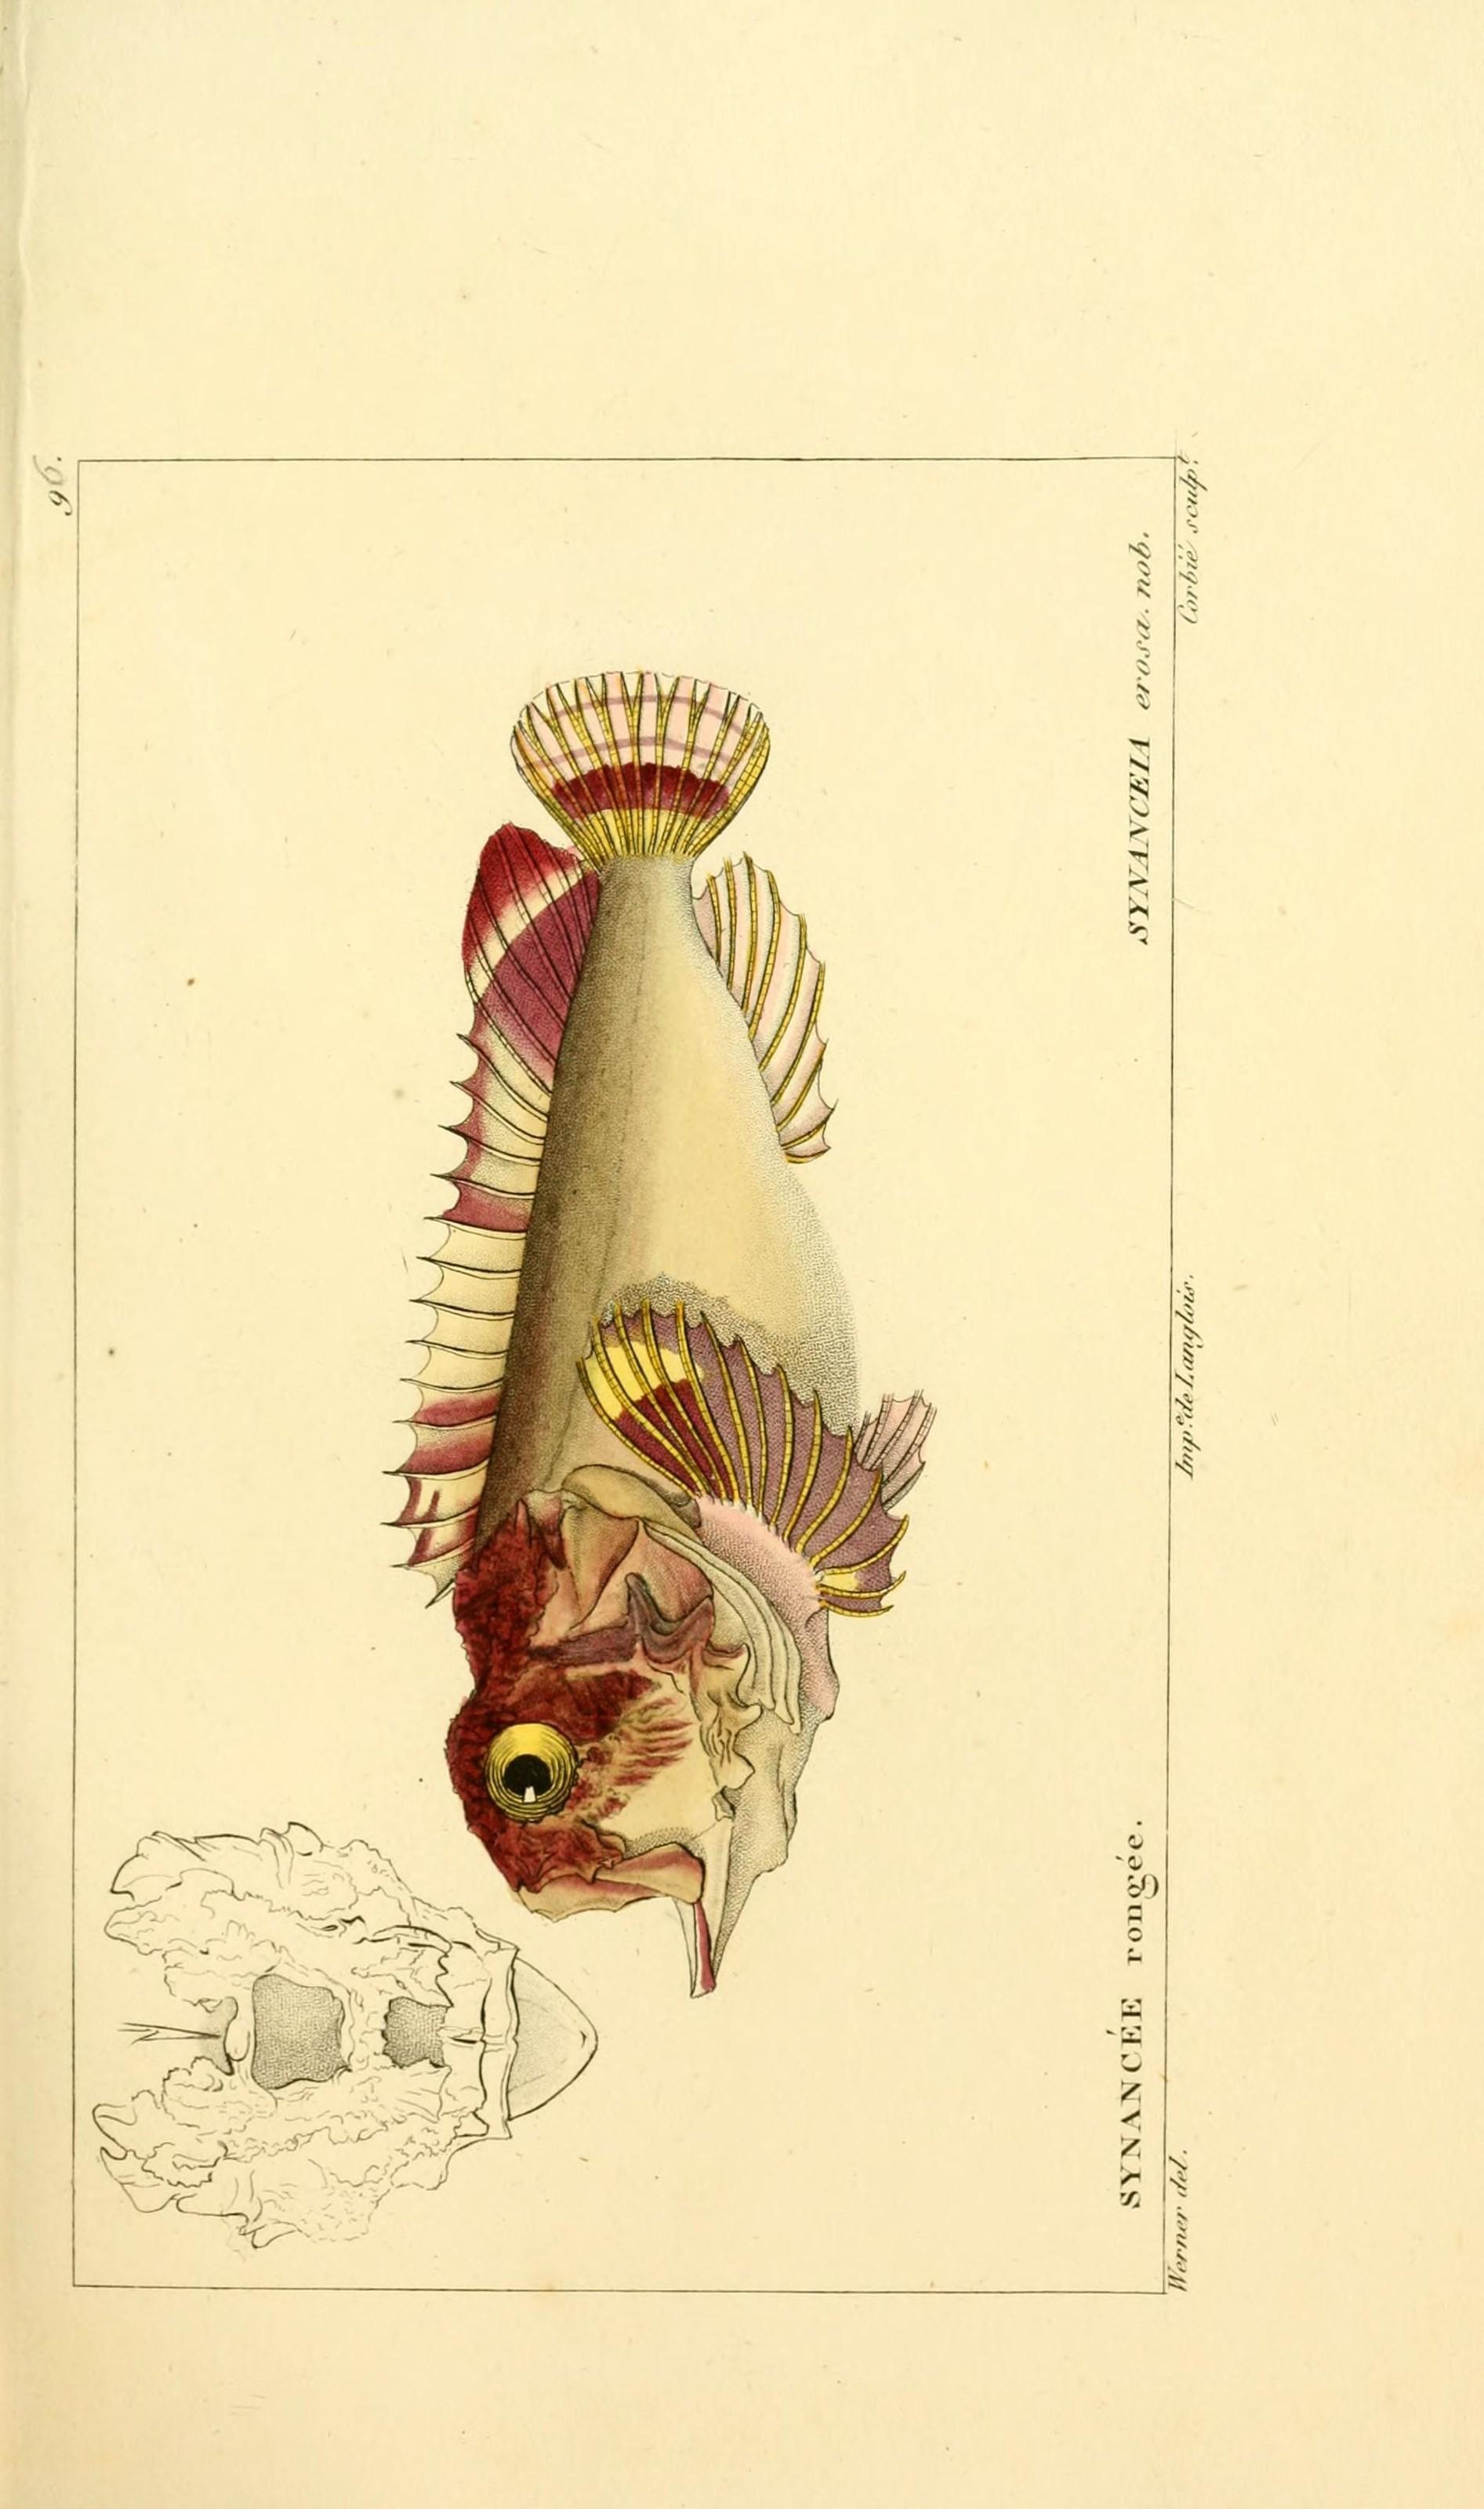 Image of Daruma stinger